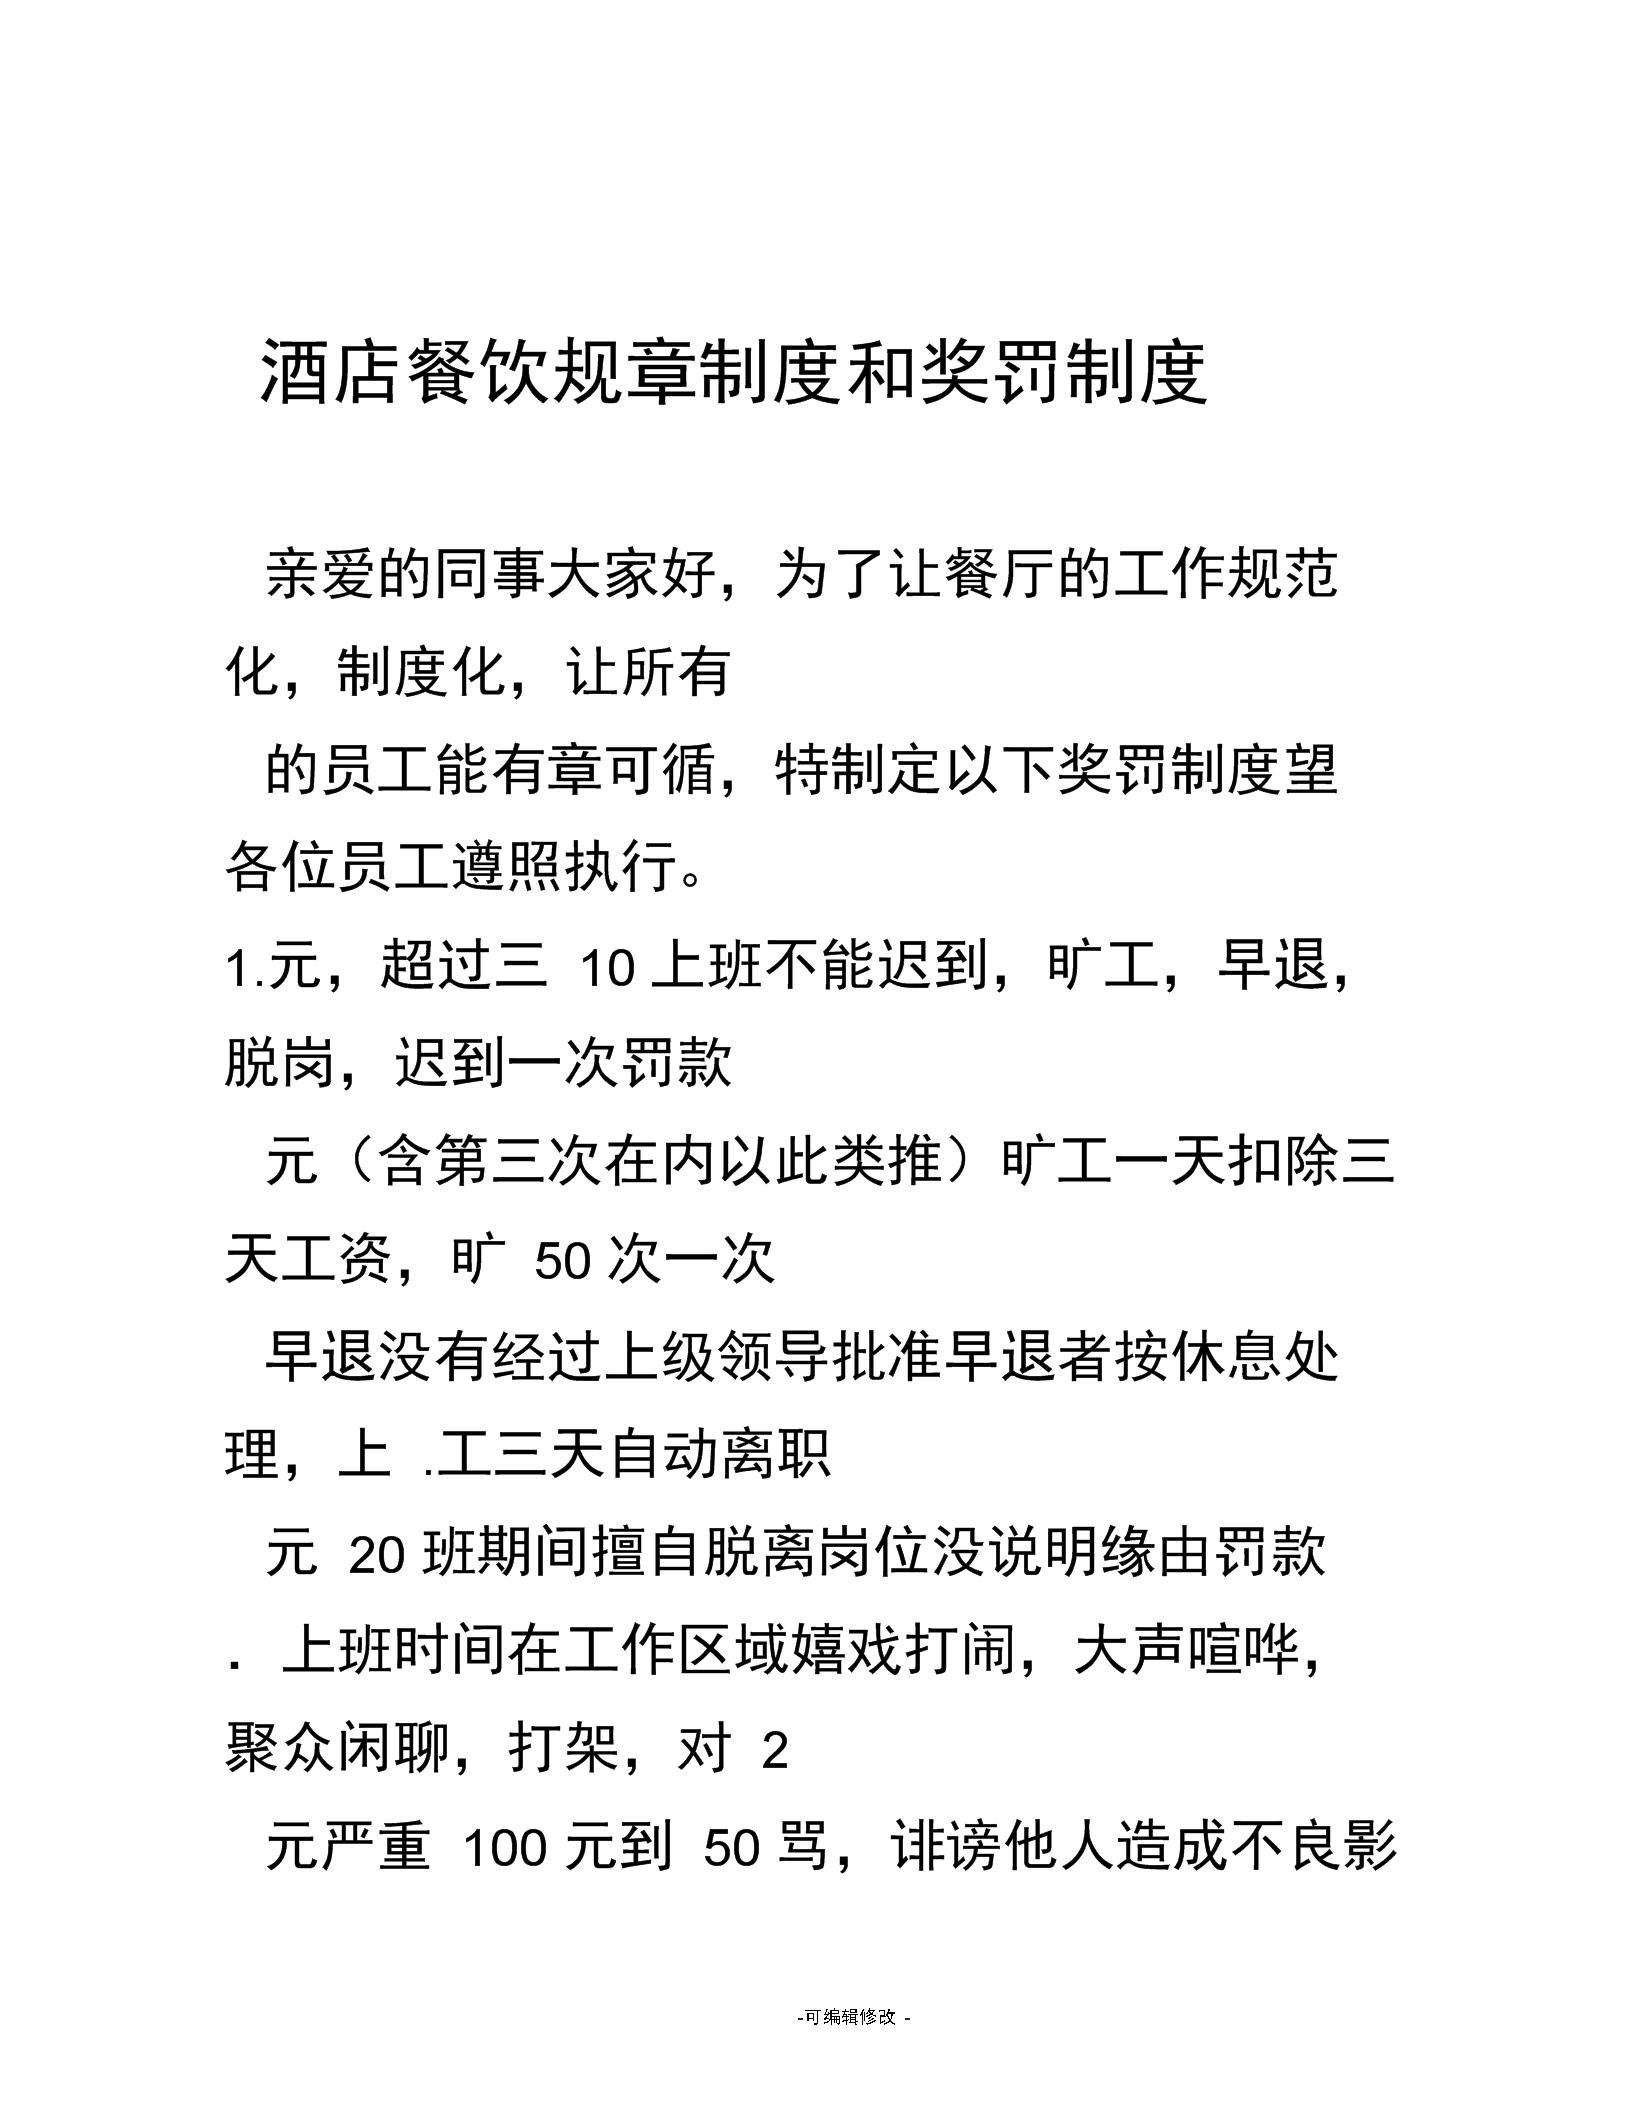 酒店餐饮规制度和奖罚制度.docx